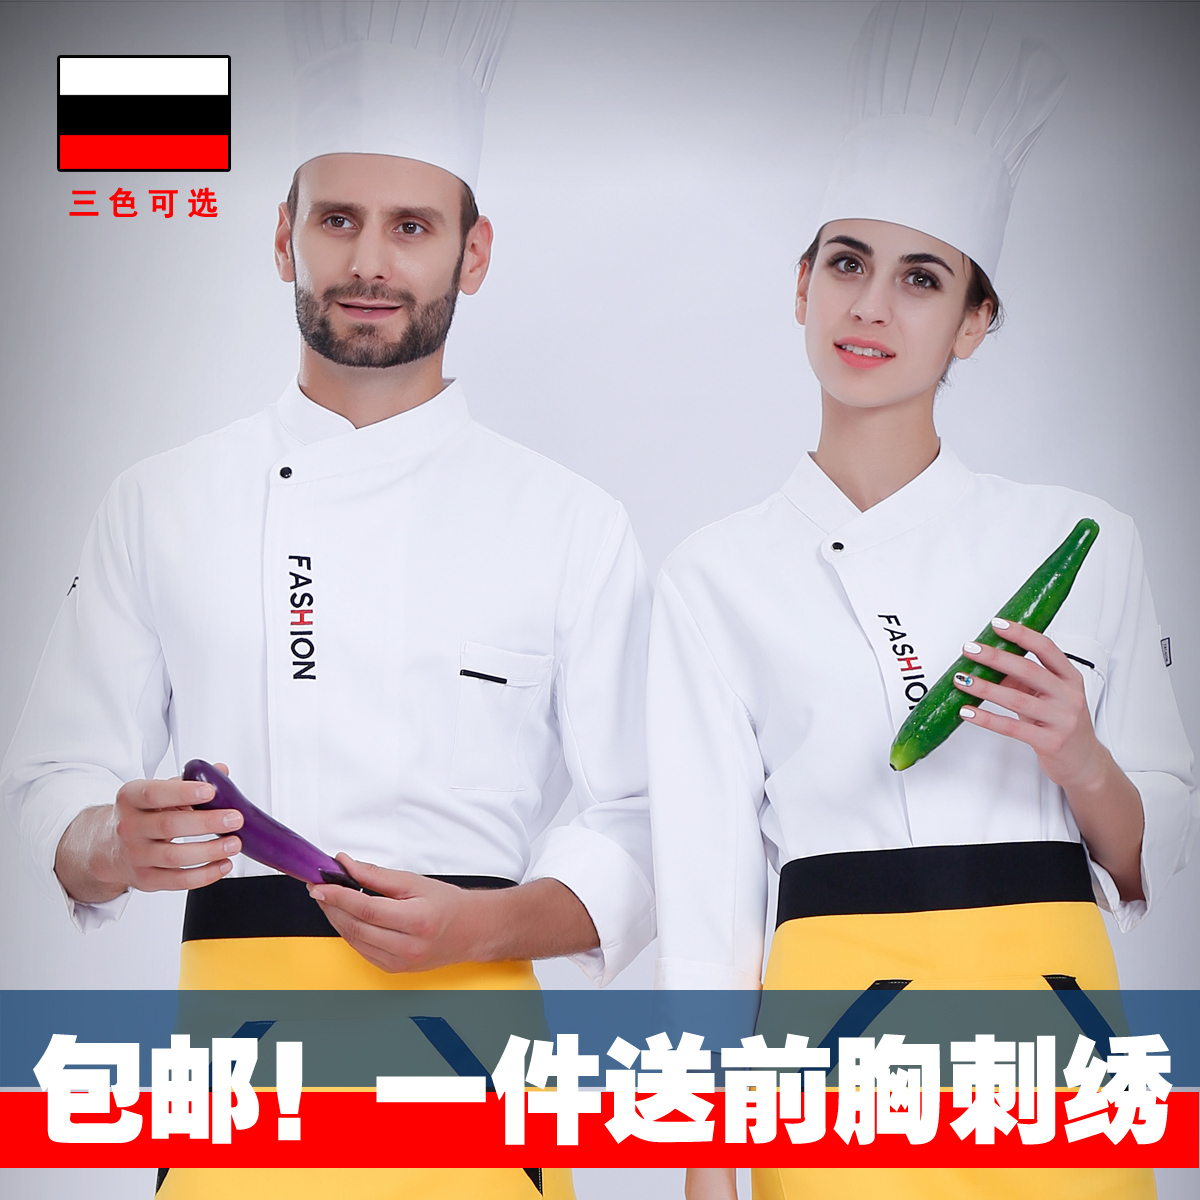 厨师工作服长袖男厨房西餐厅酒店长袖纯棉服装厨师服餐饮秋冬加大